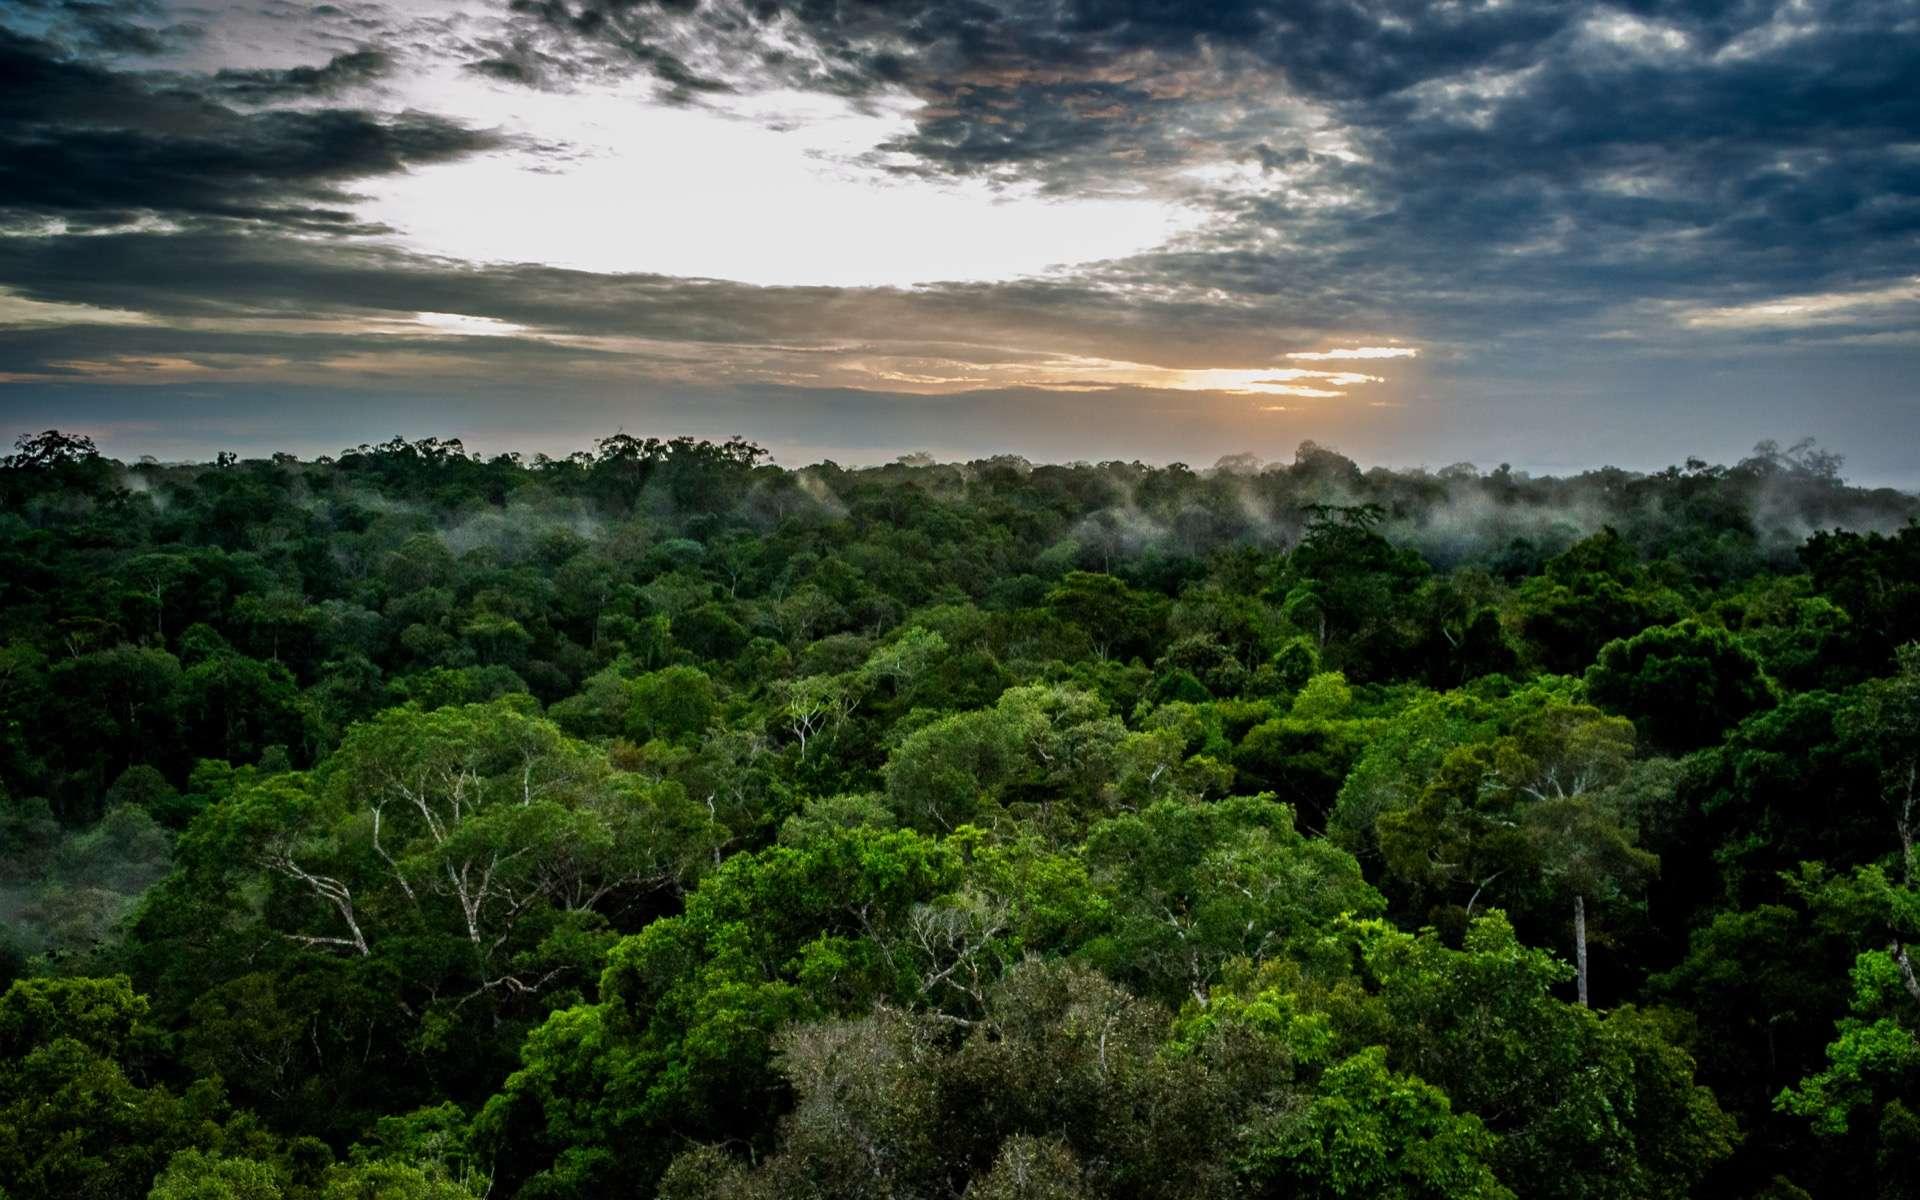 Brésil : la forêt amazonienne émet désormais plus de CO2 qu'elle n'en absorbe depuis 10 ans !